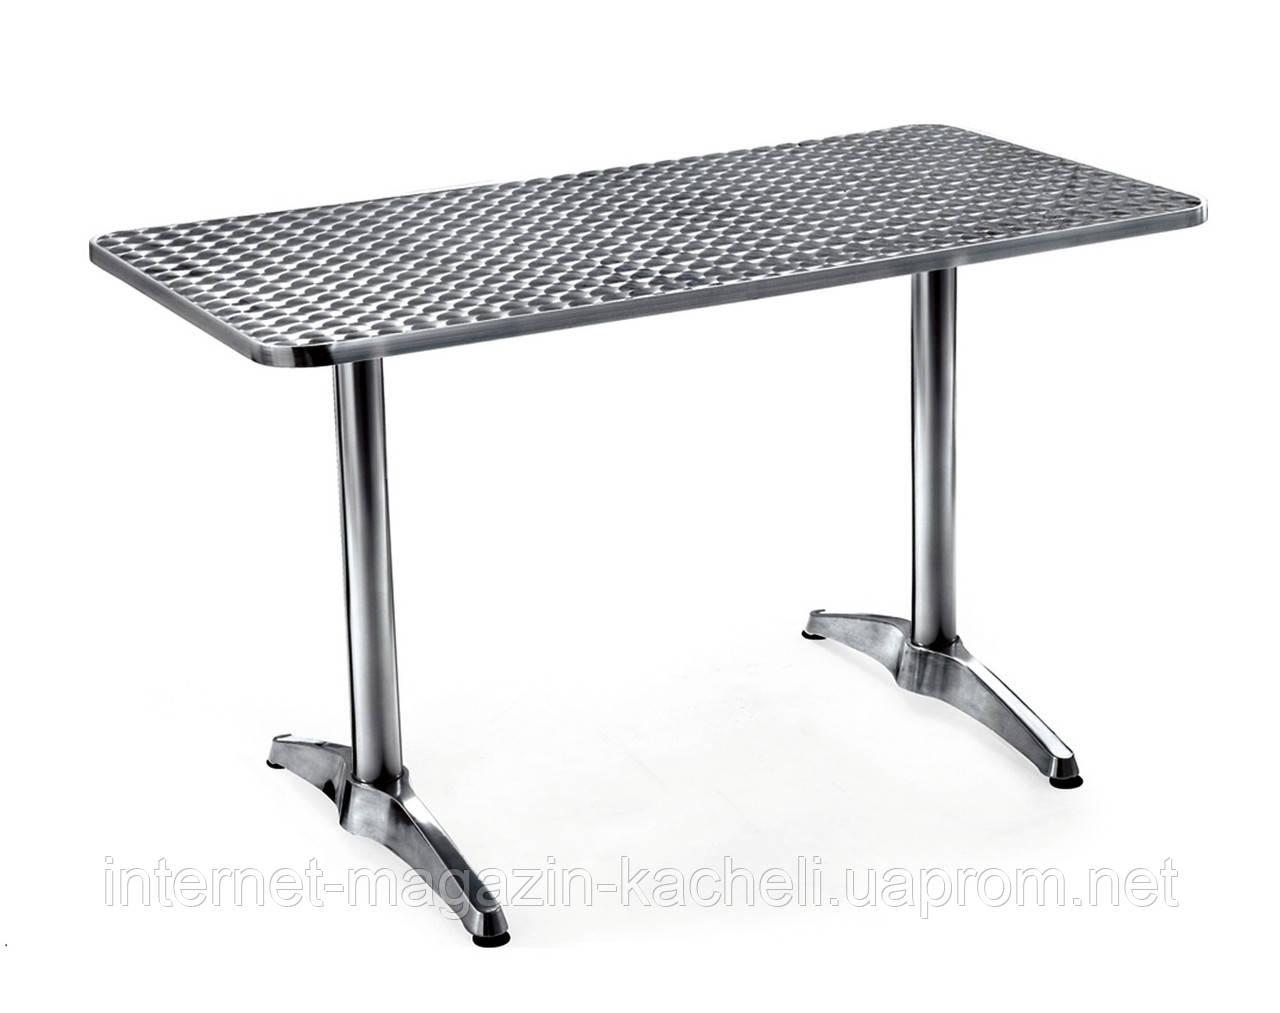 Стол алюминиевый двойной 120 х 60